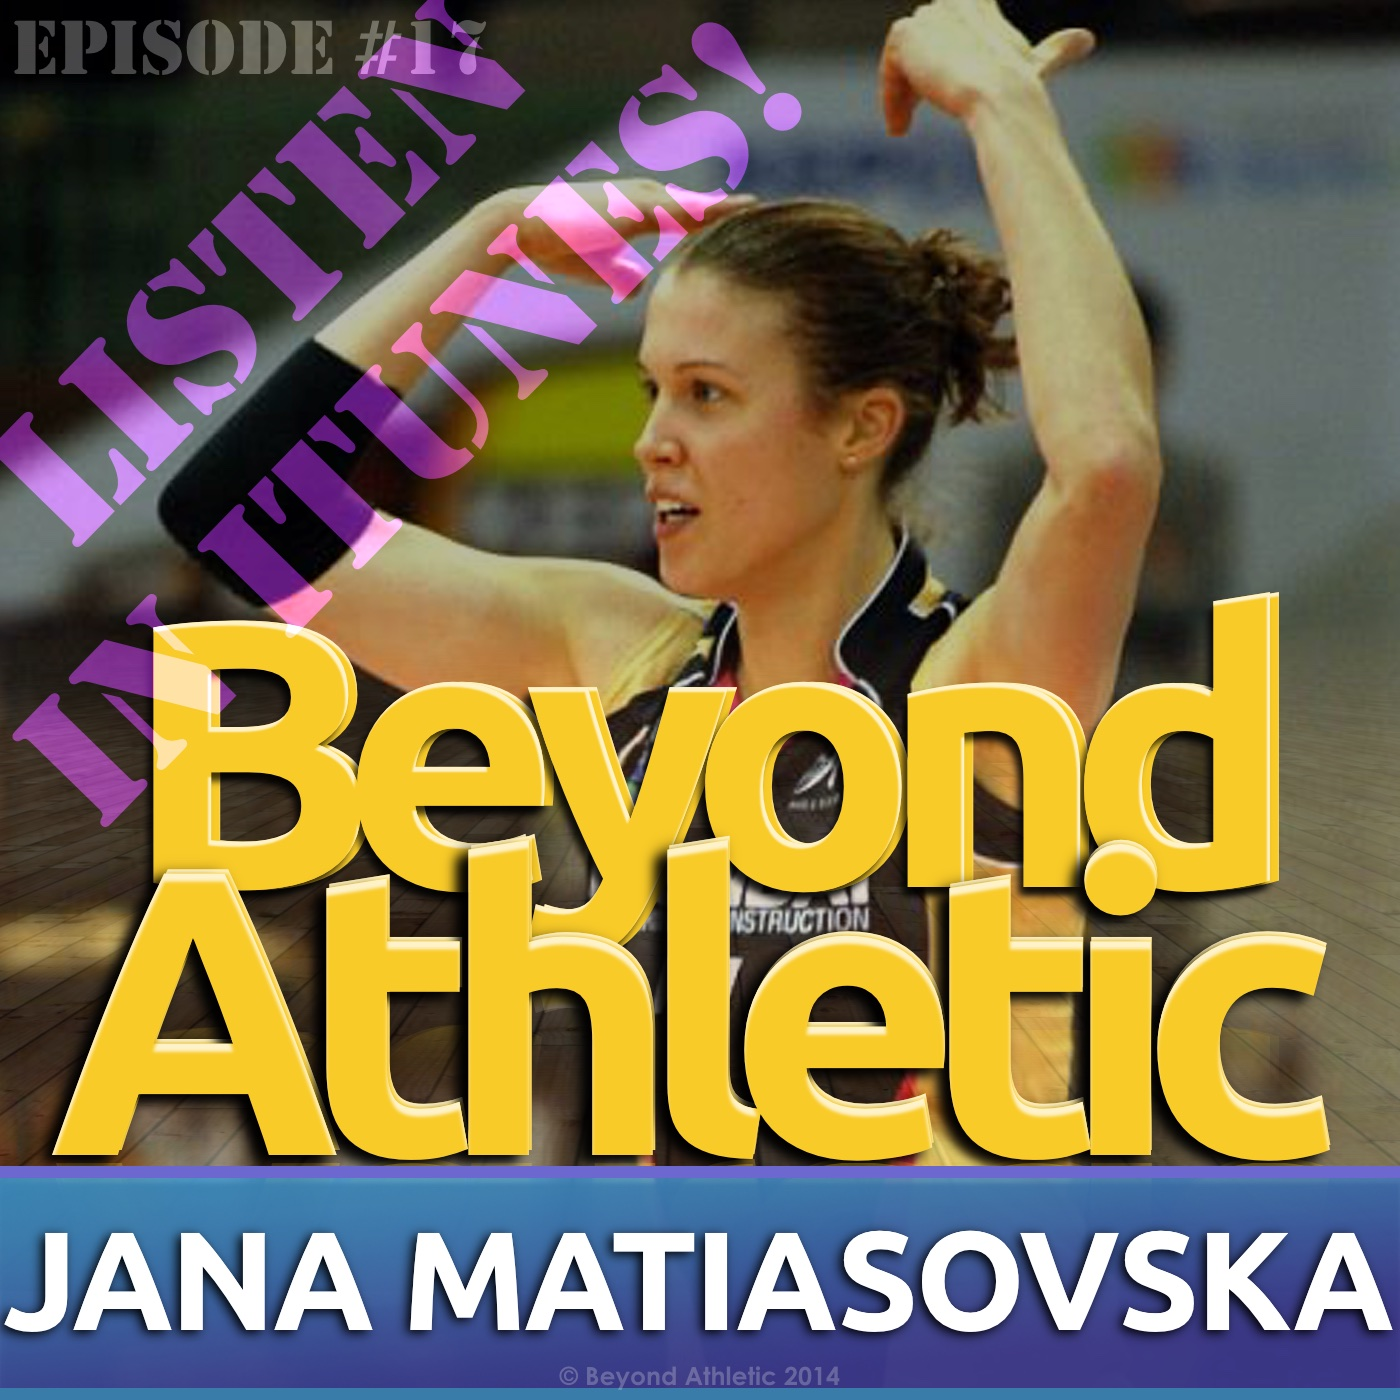 Jana MATIASOVSKA